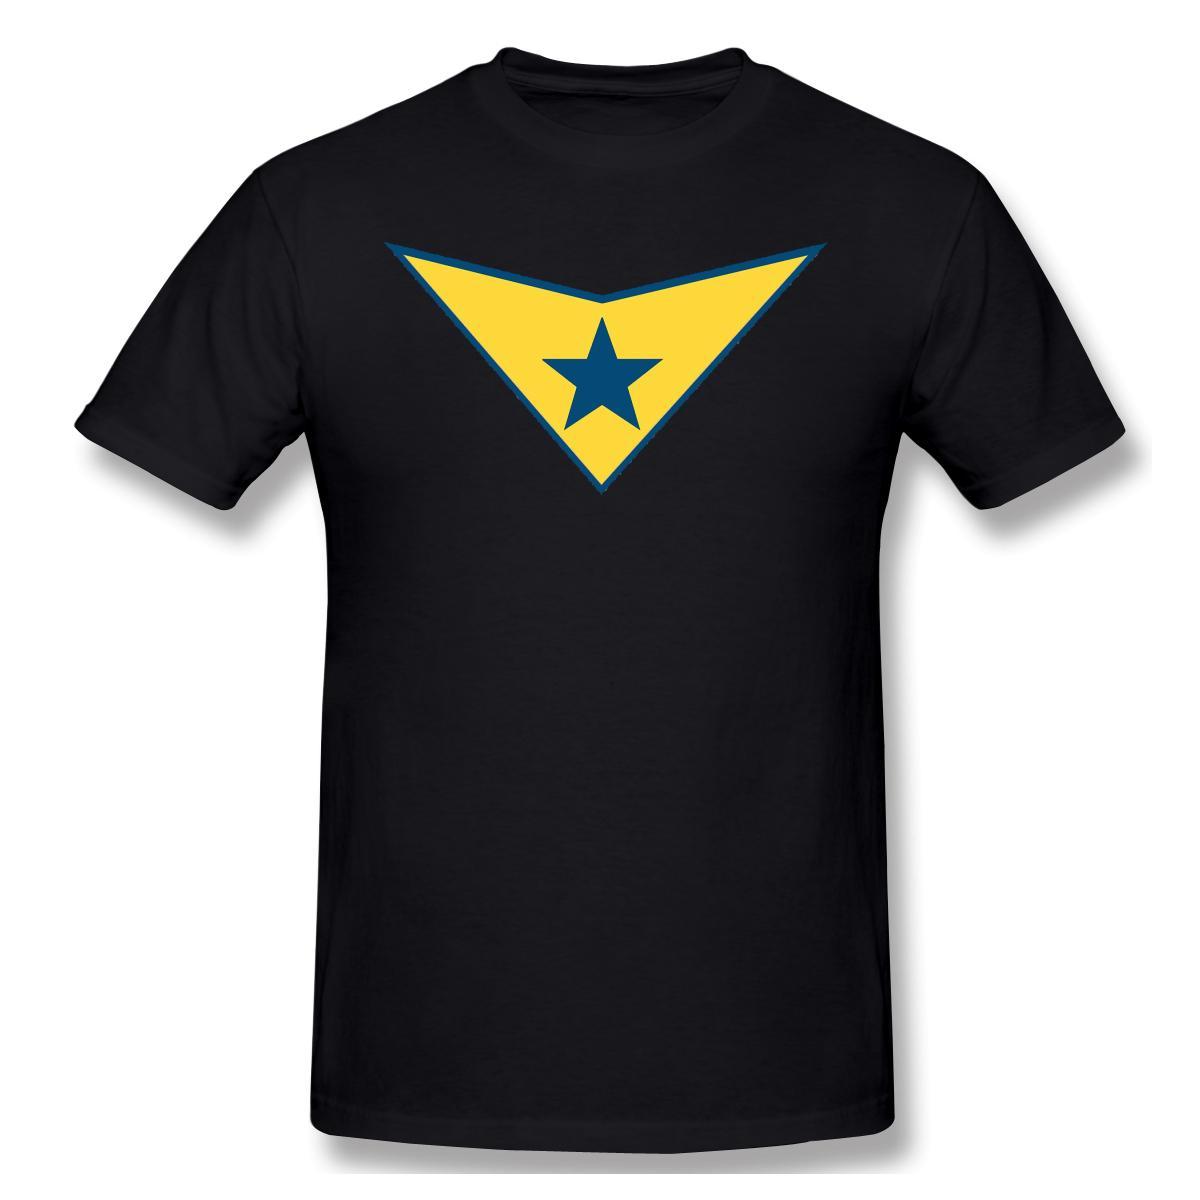 Booster Gold Logo T-shirt des hommes de base T-shirt Conception drôle de Wonder Woman Streetwear Homme Imprimer Top Livraison gratuite